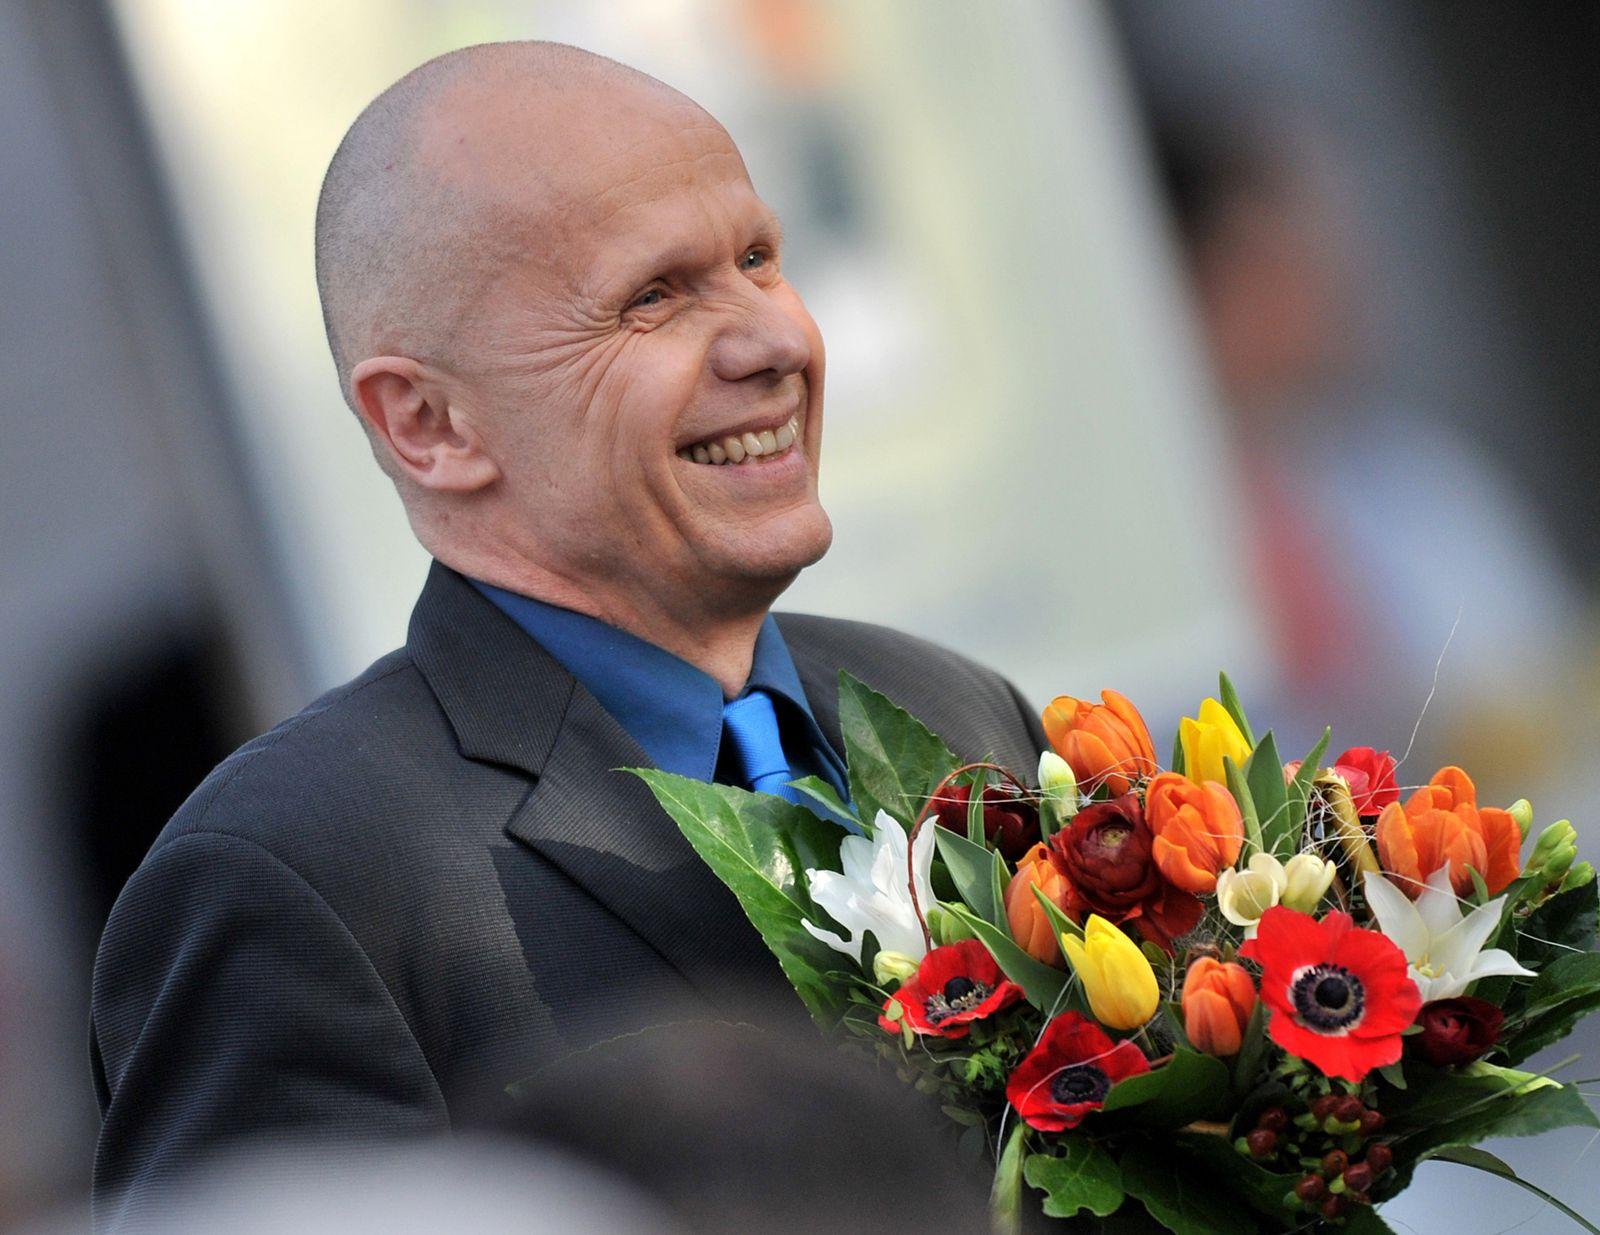 Georg Klein - Preis der Leipziger buchmesse